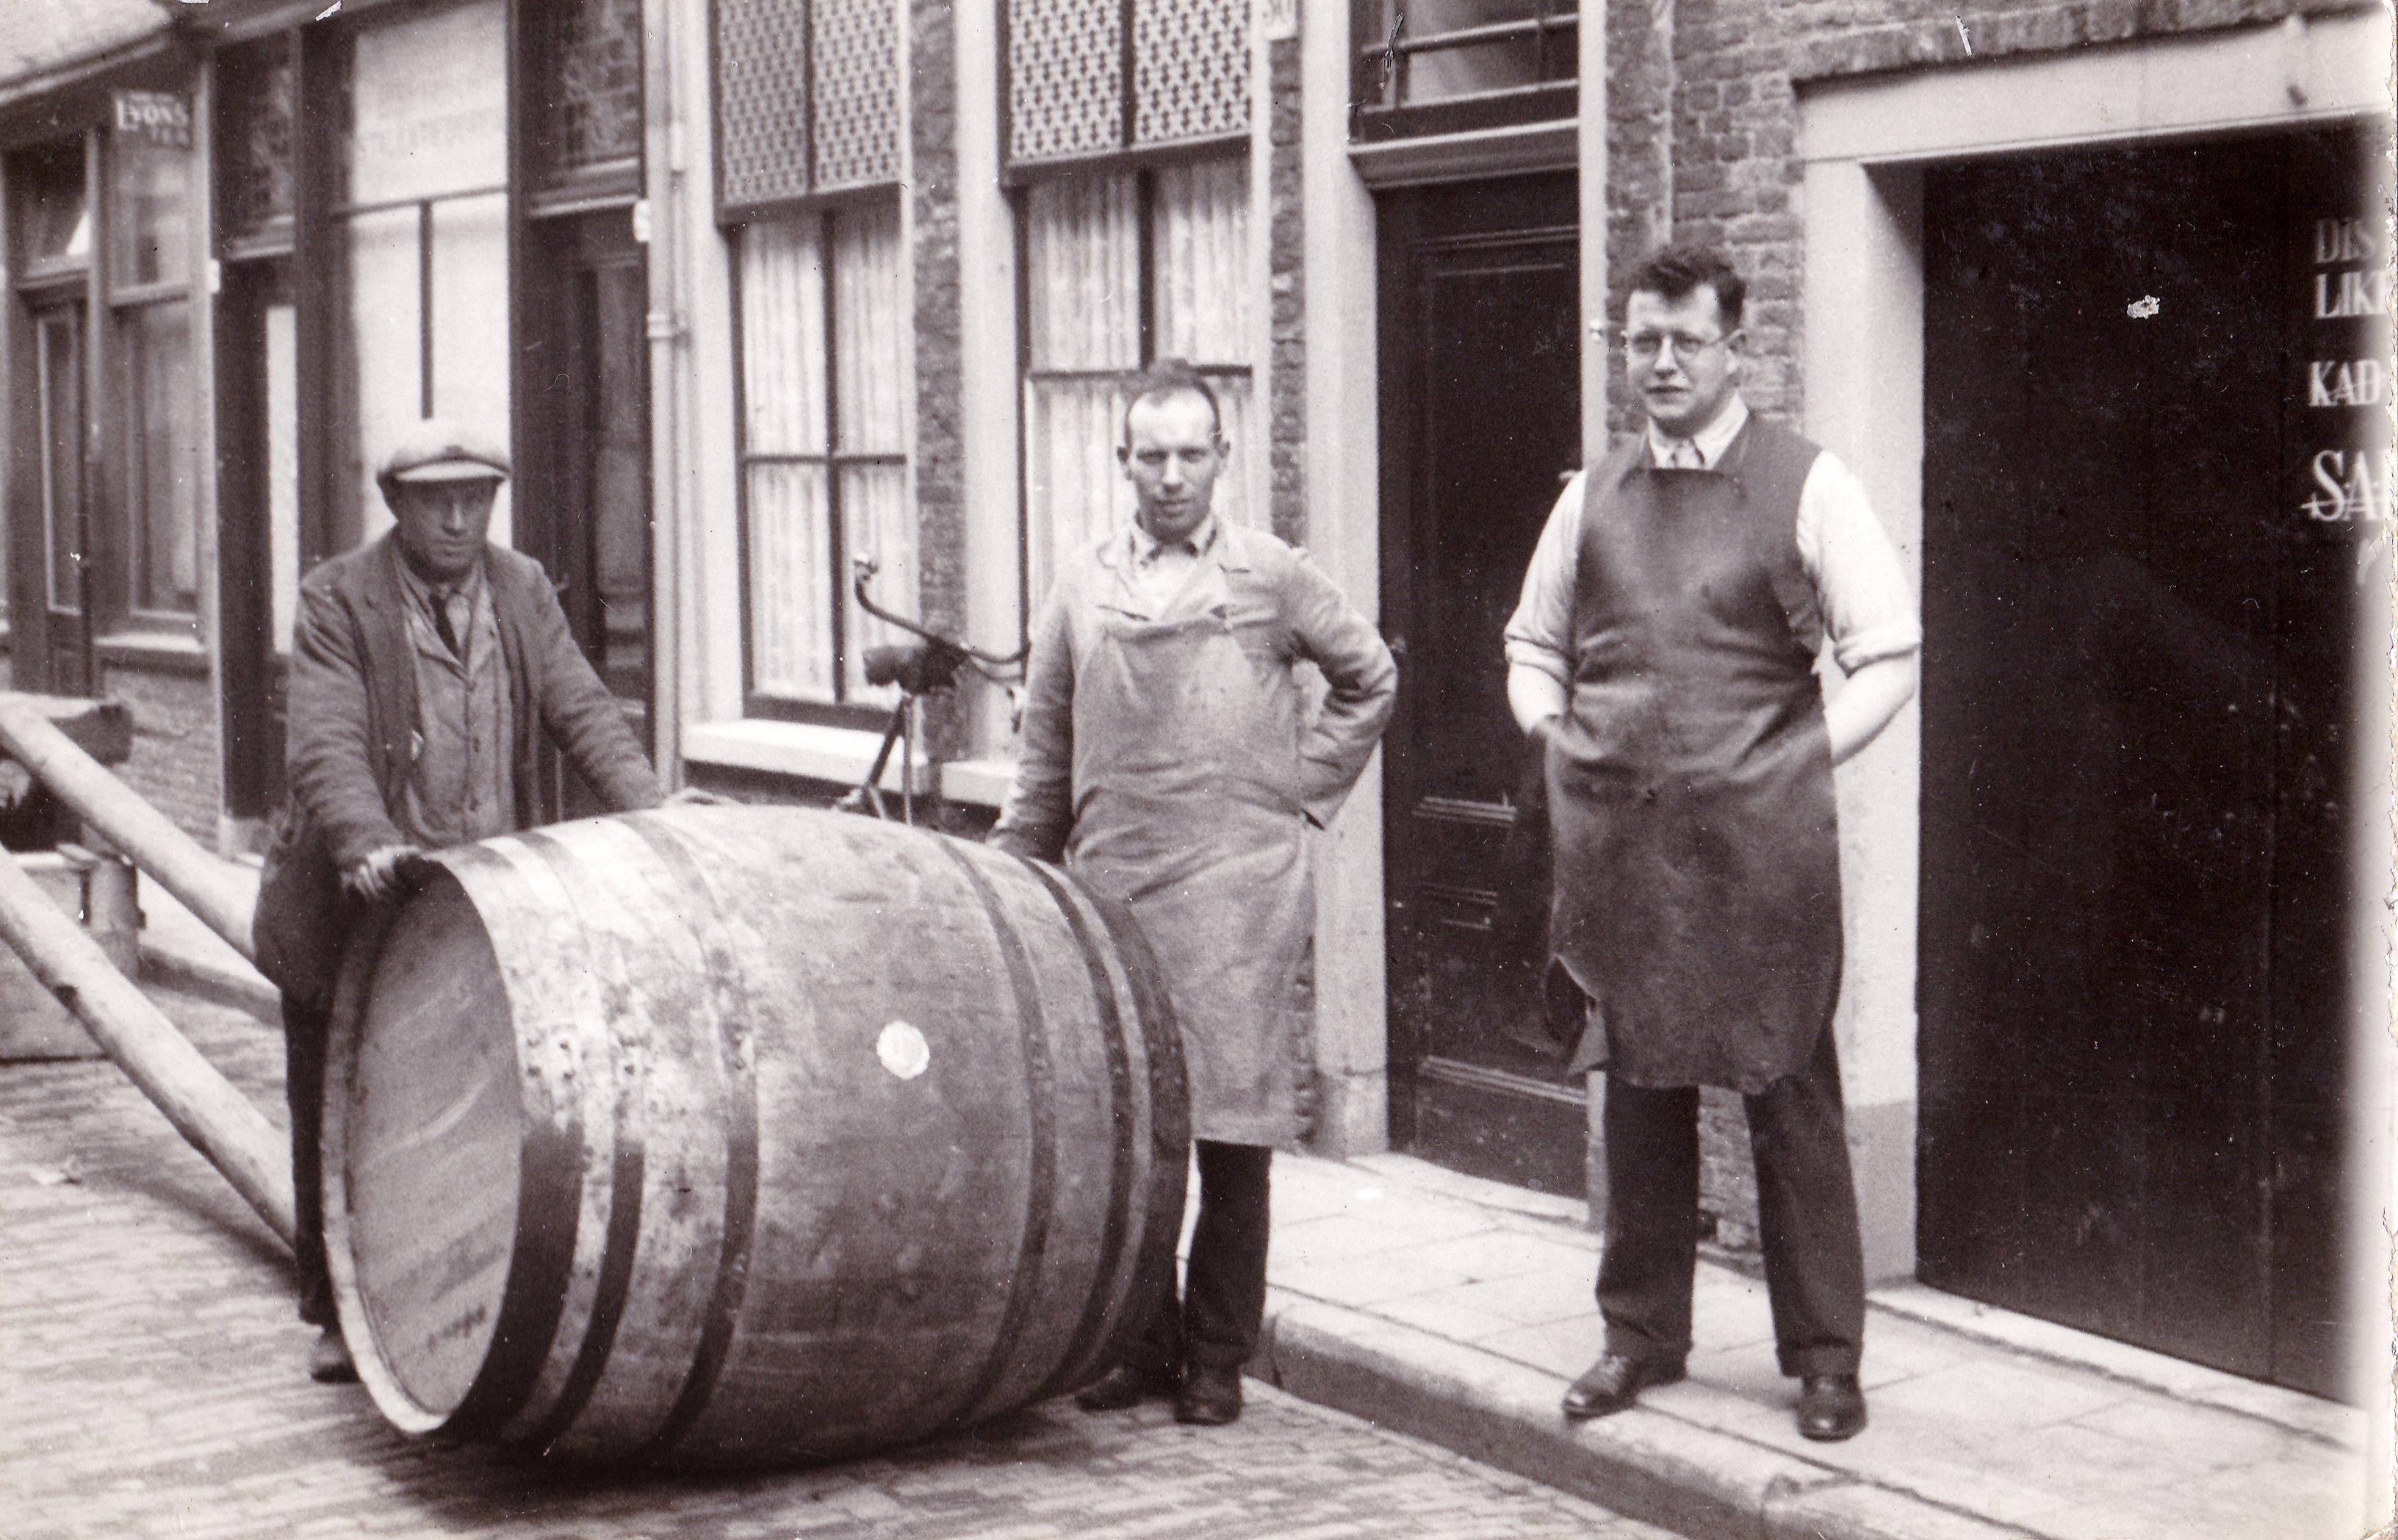 Generatie Rutte, Distilleerderij Rutte, Alles over gin.